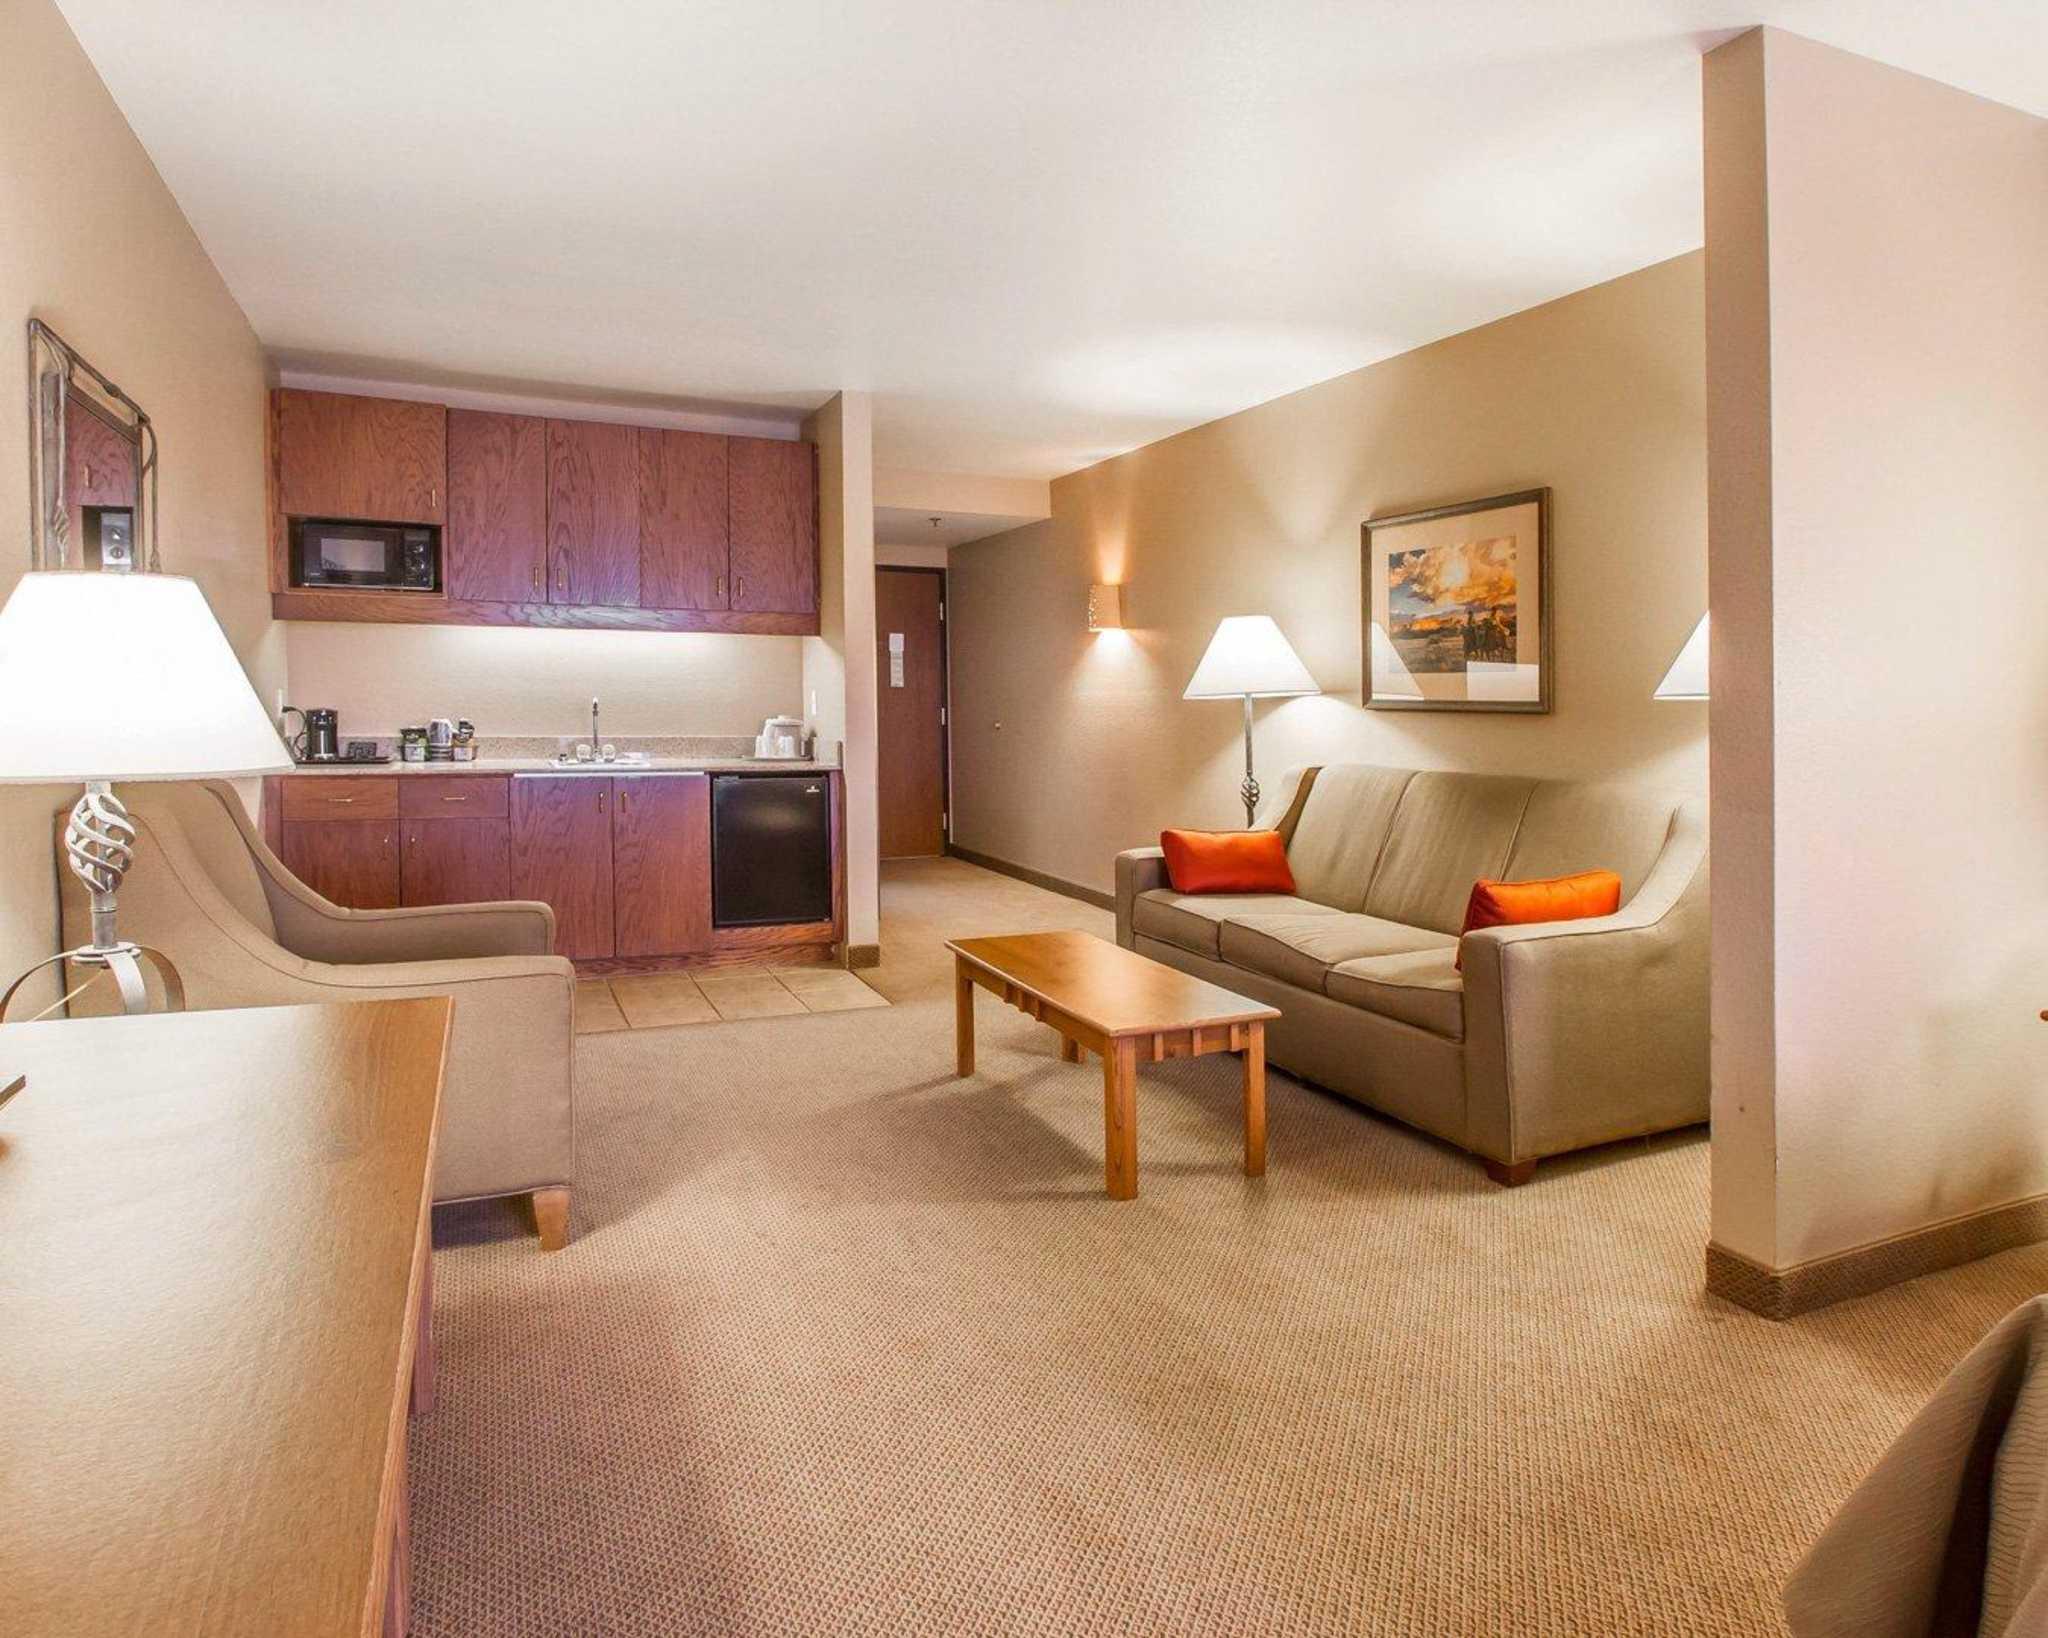 Nogales, AZ comfort inn | Find comfort inn in Nogales, AZ